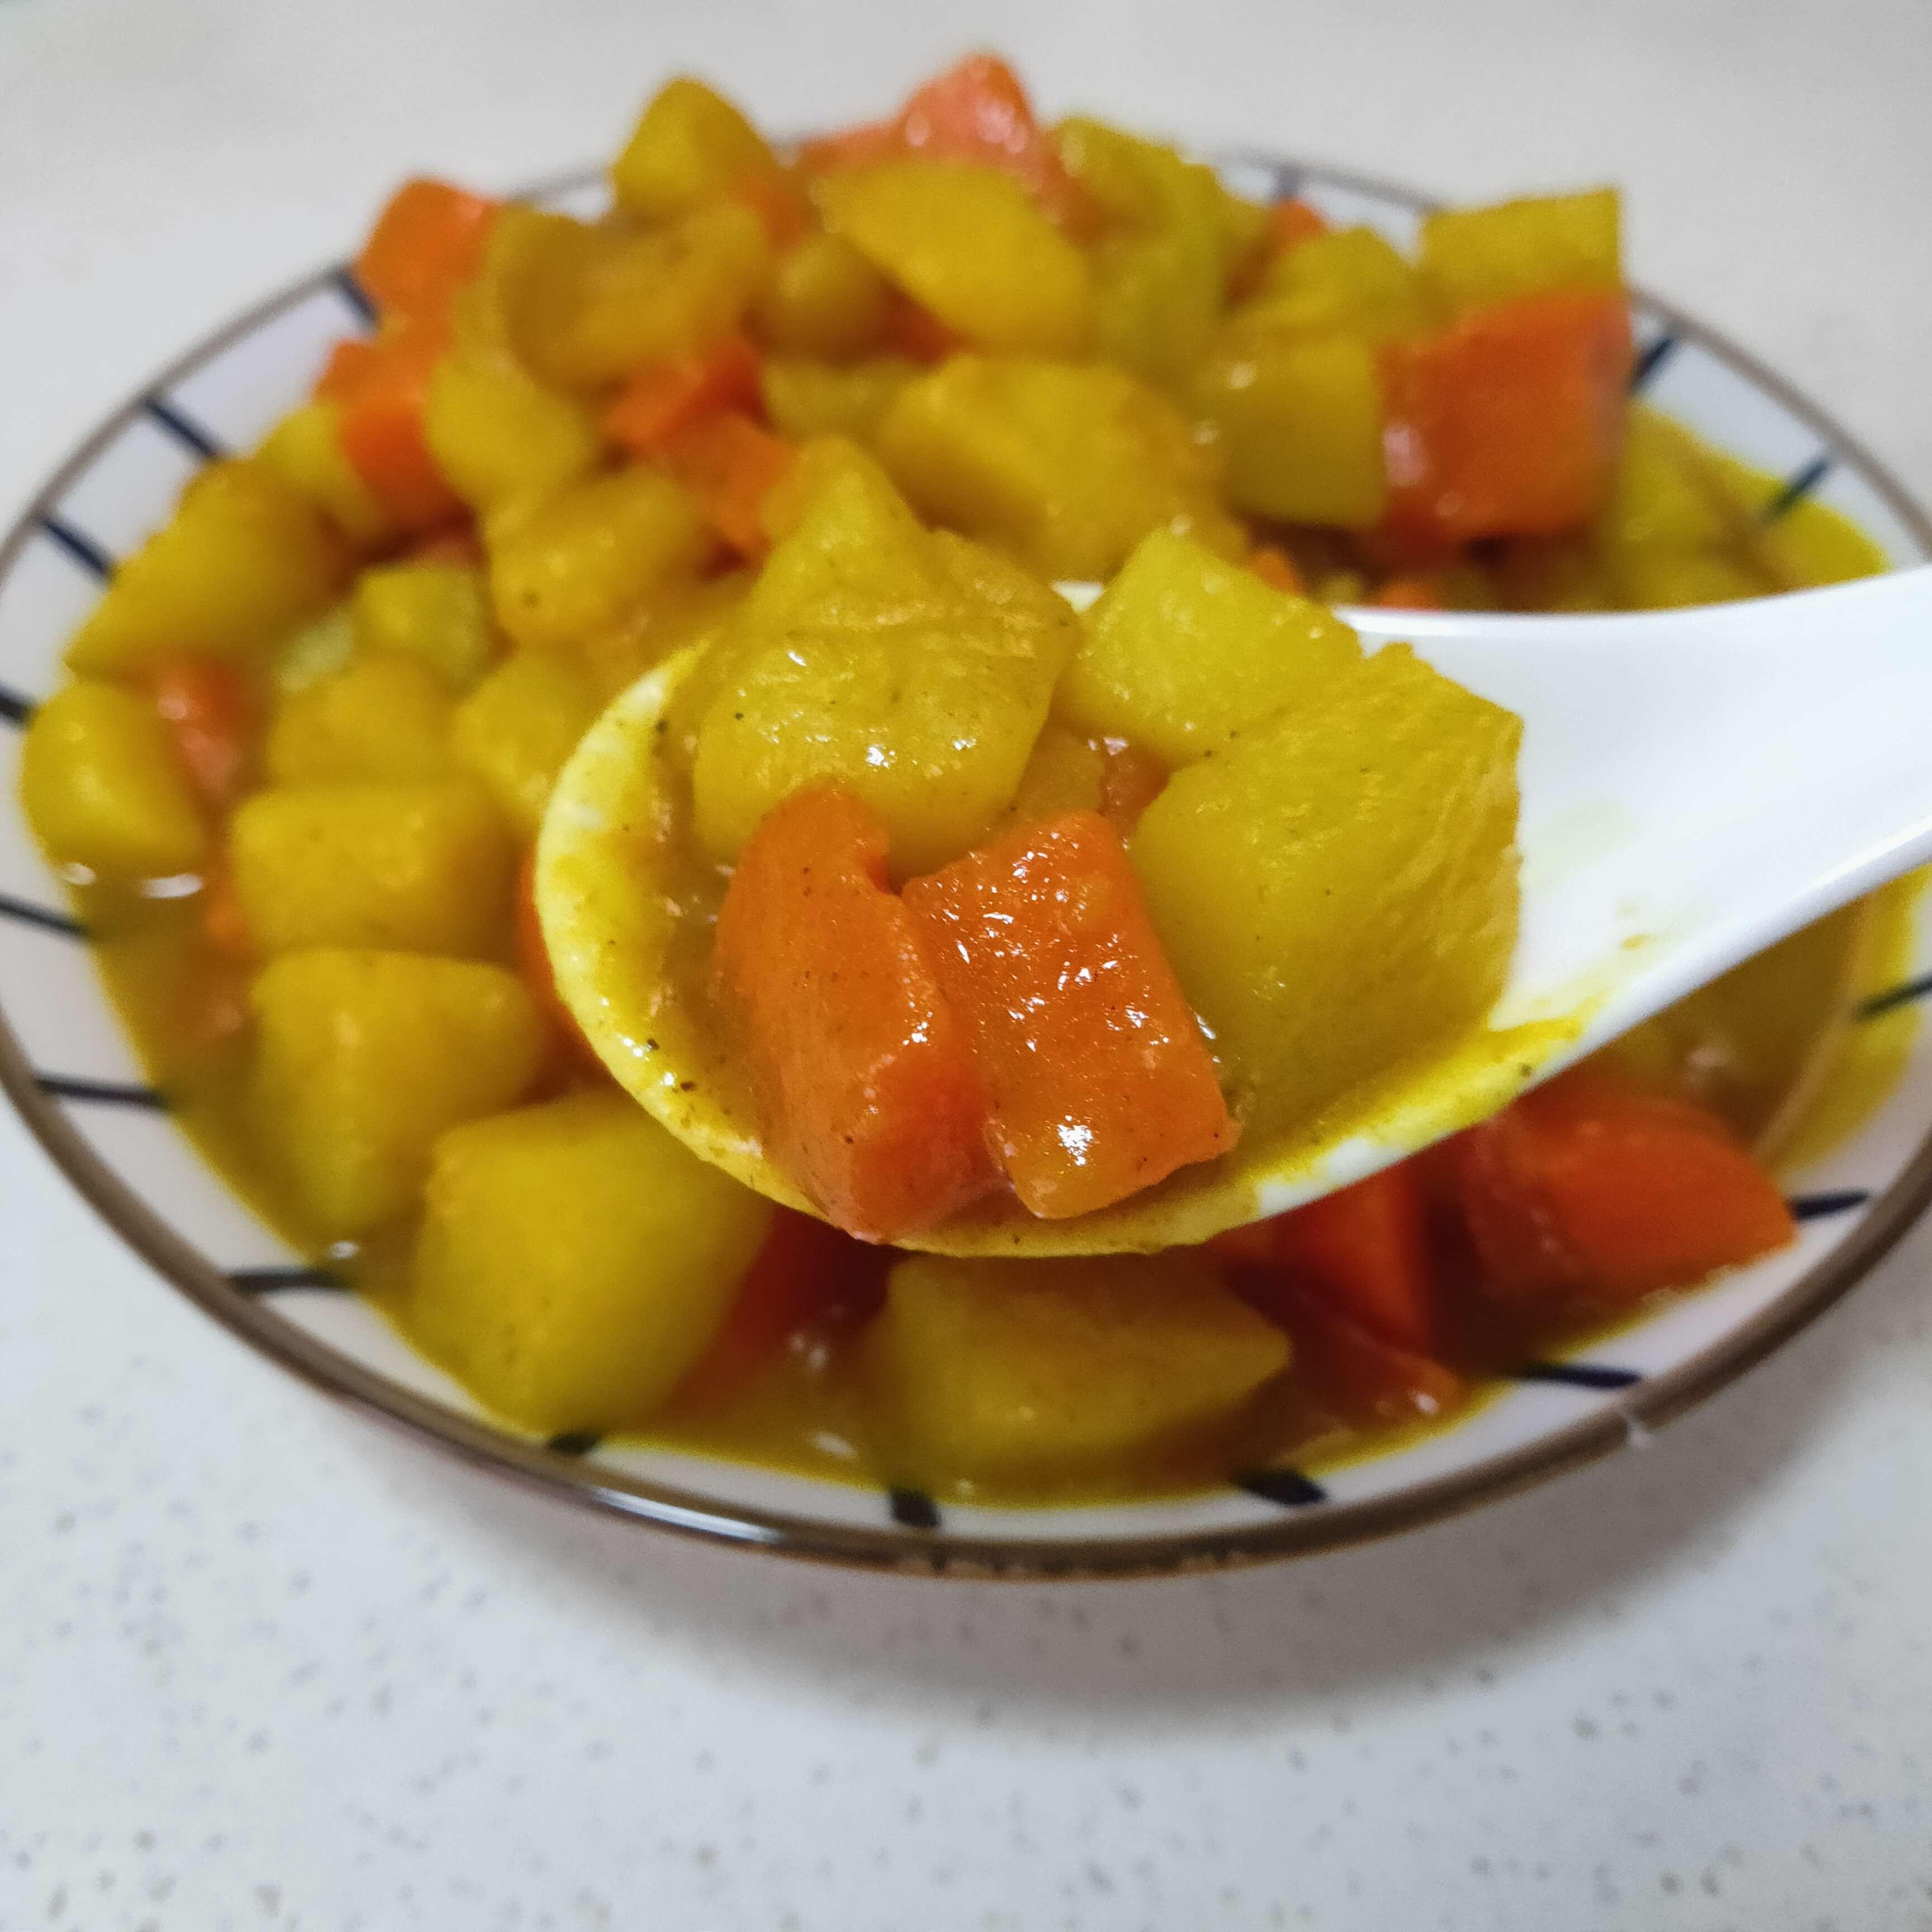 咖喱炖胡萝卜土豆怎么炒